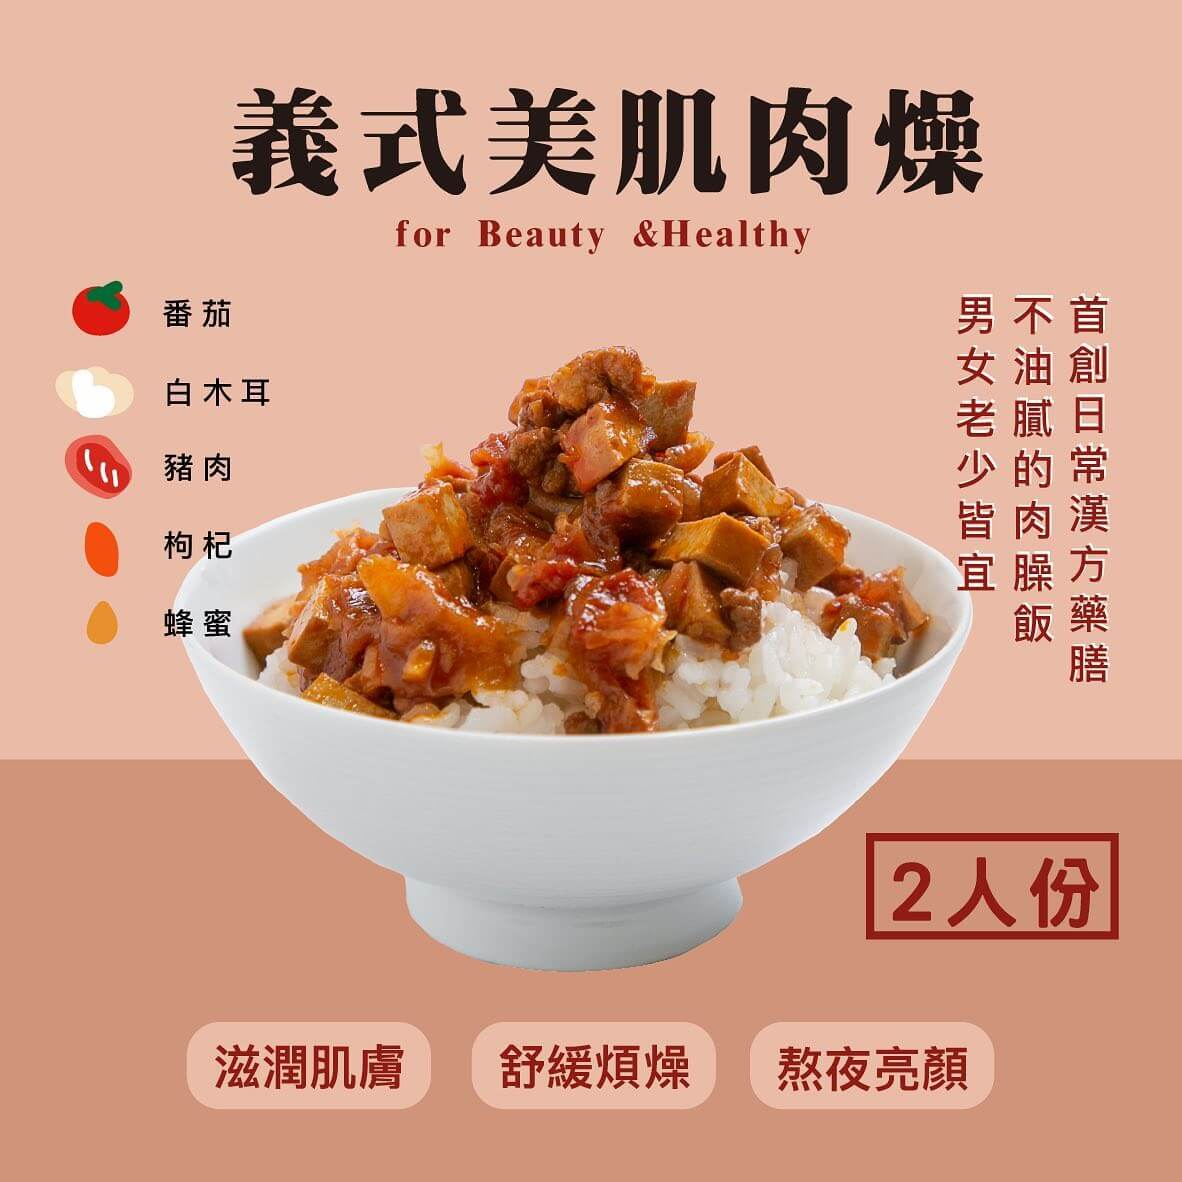 傳統肉燥做法 古早味肉燥做法 養生肉燥飯 漢方養生 藥膳 養生餐